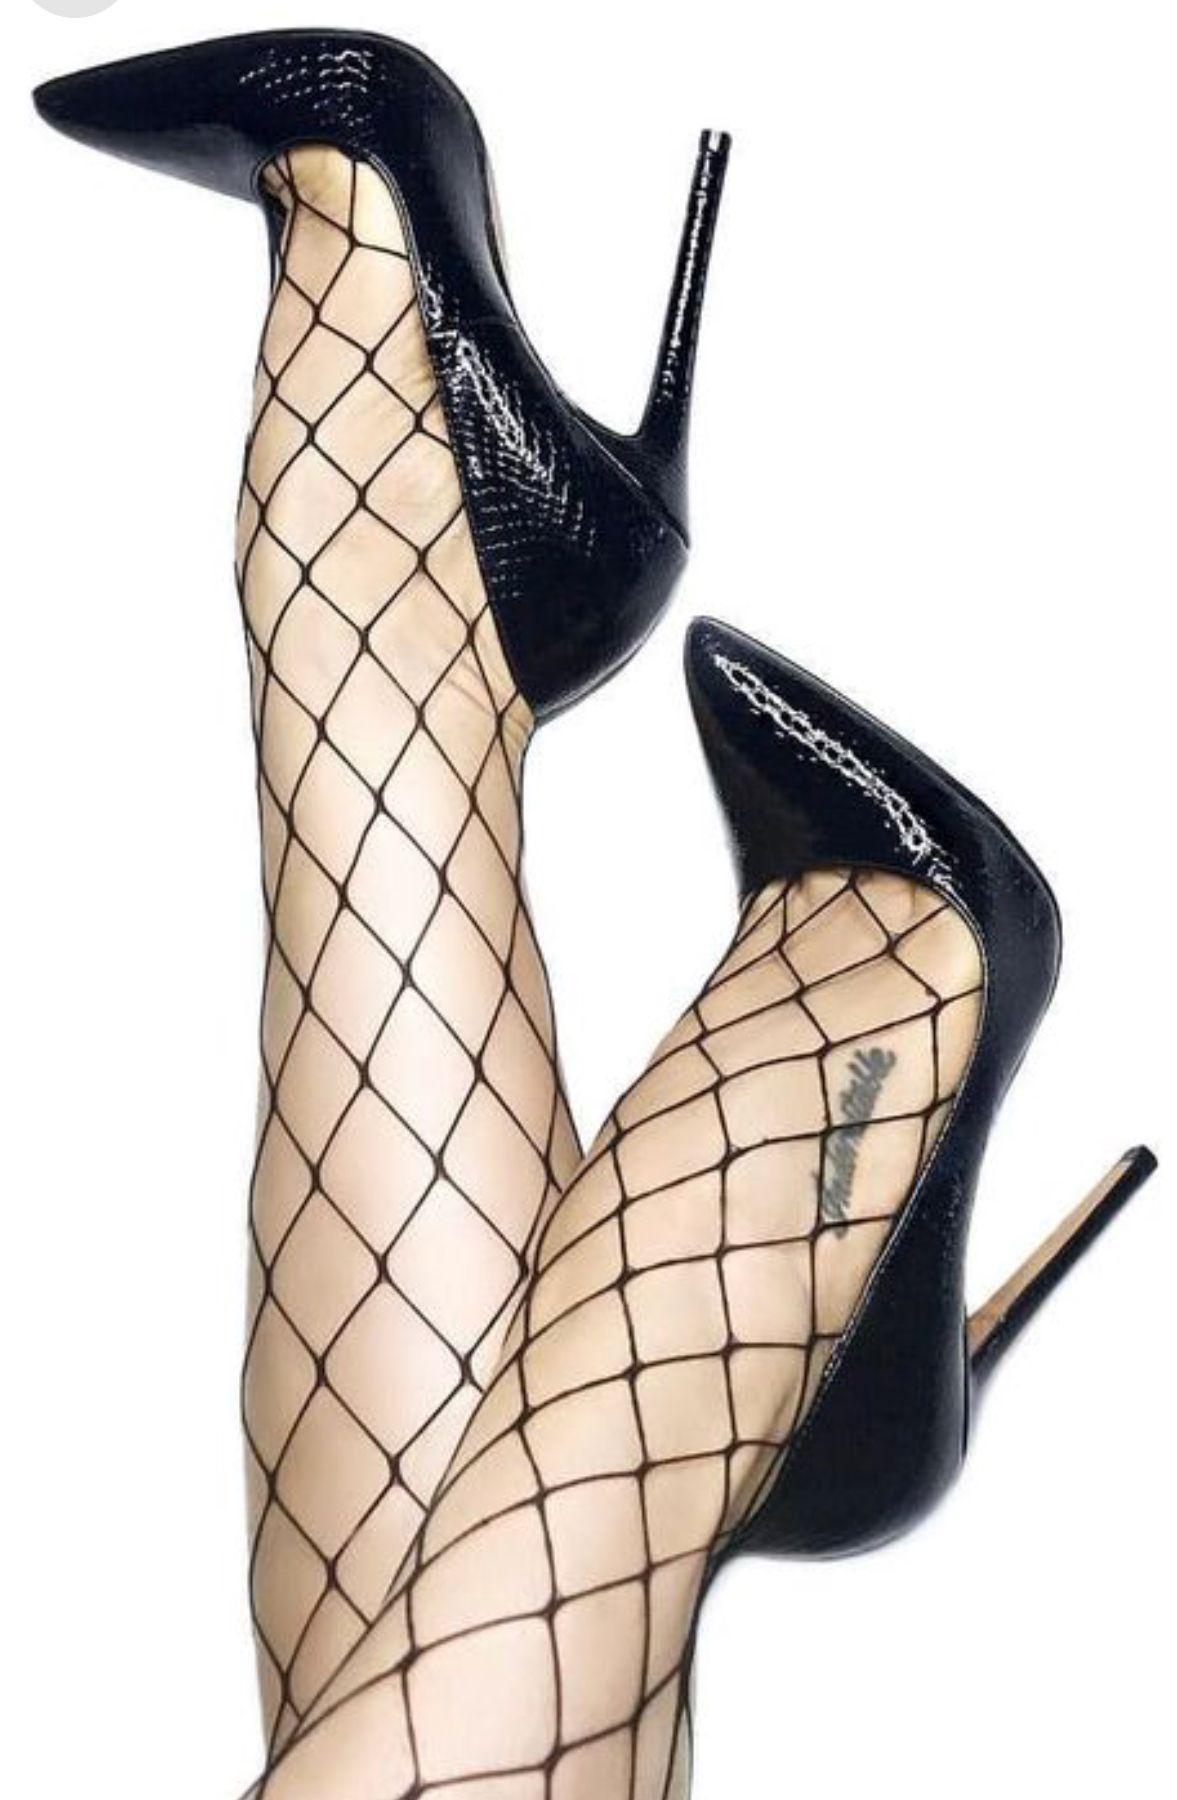 Zapatos Namo Pin De StilettosY En PantiesTacones Y6fg7yvb